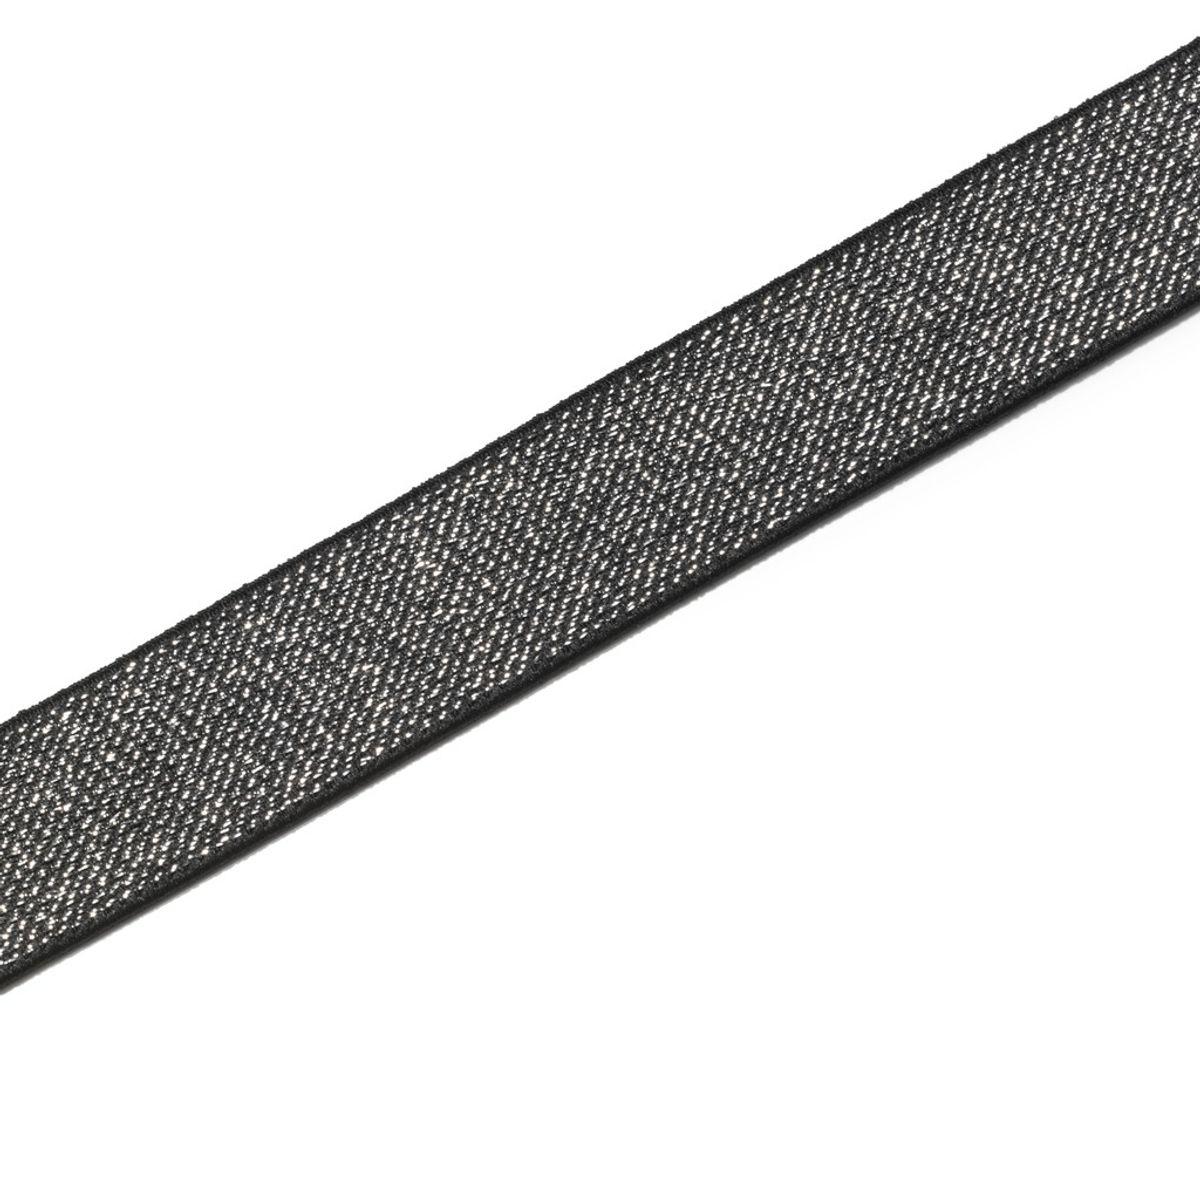 Elastique Color noir et argent 25 mm - Au mètre